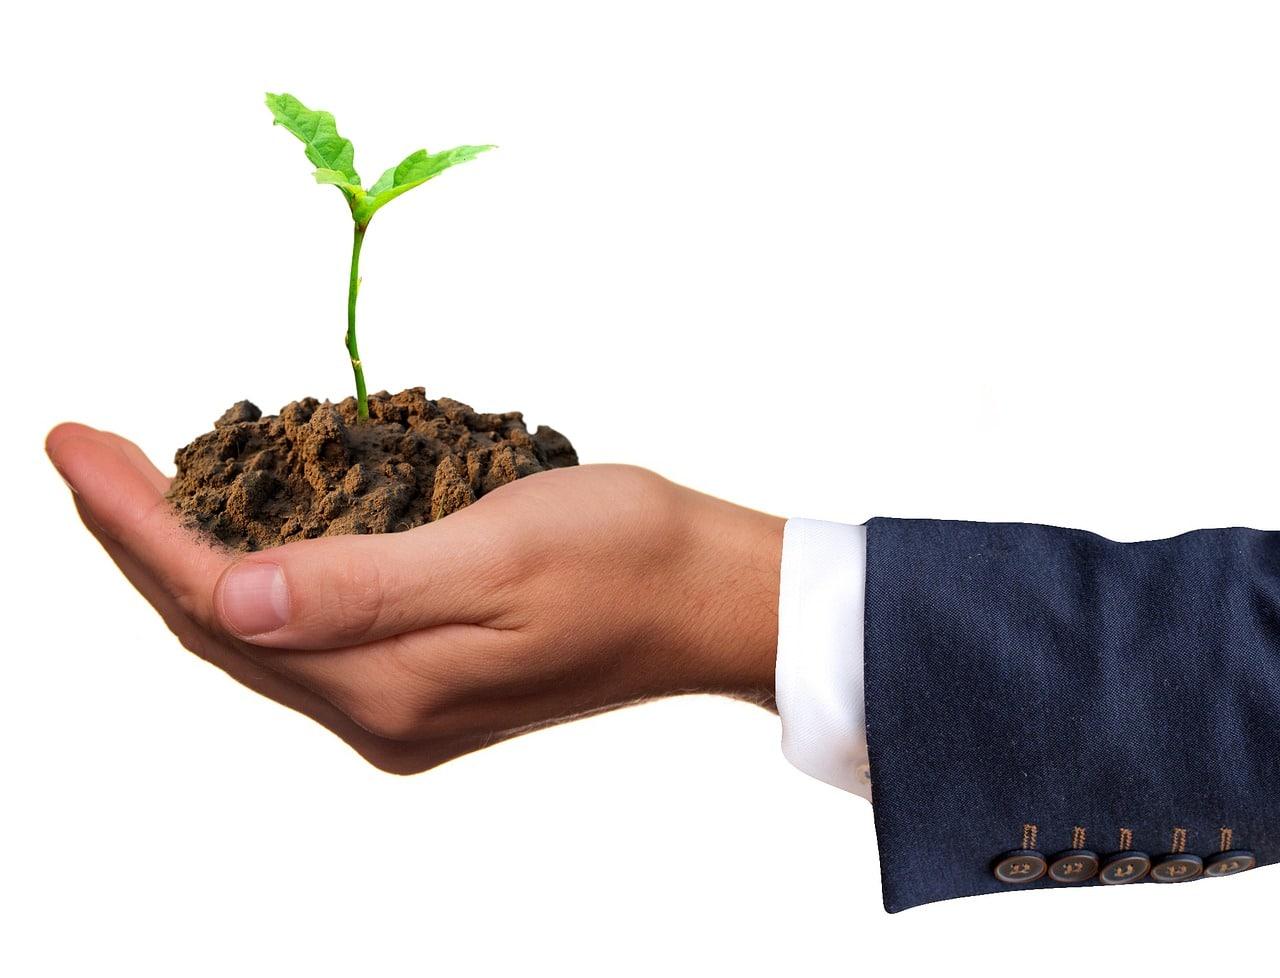 Nurturing green business principles through employee engagement programs